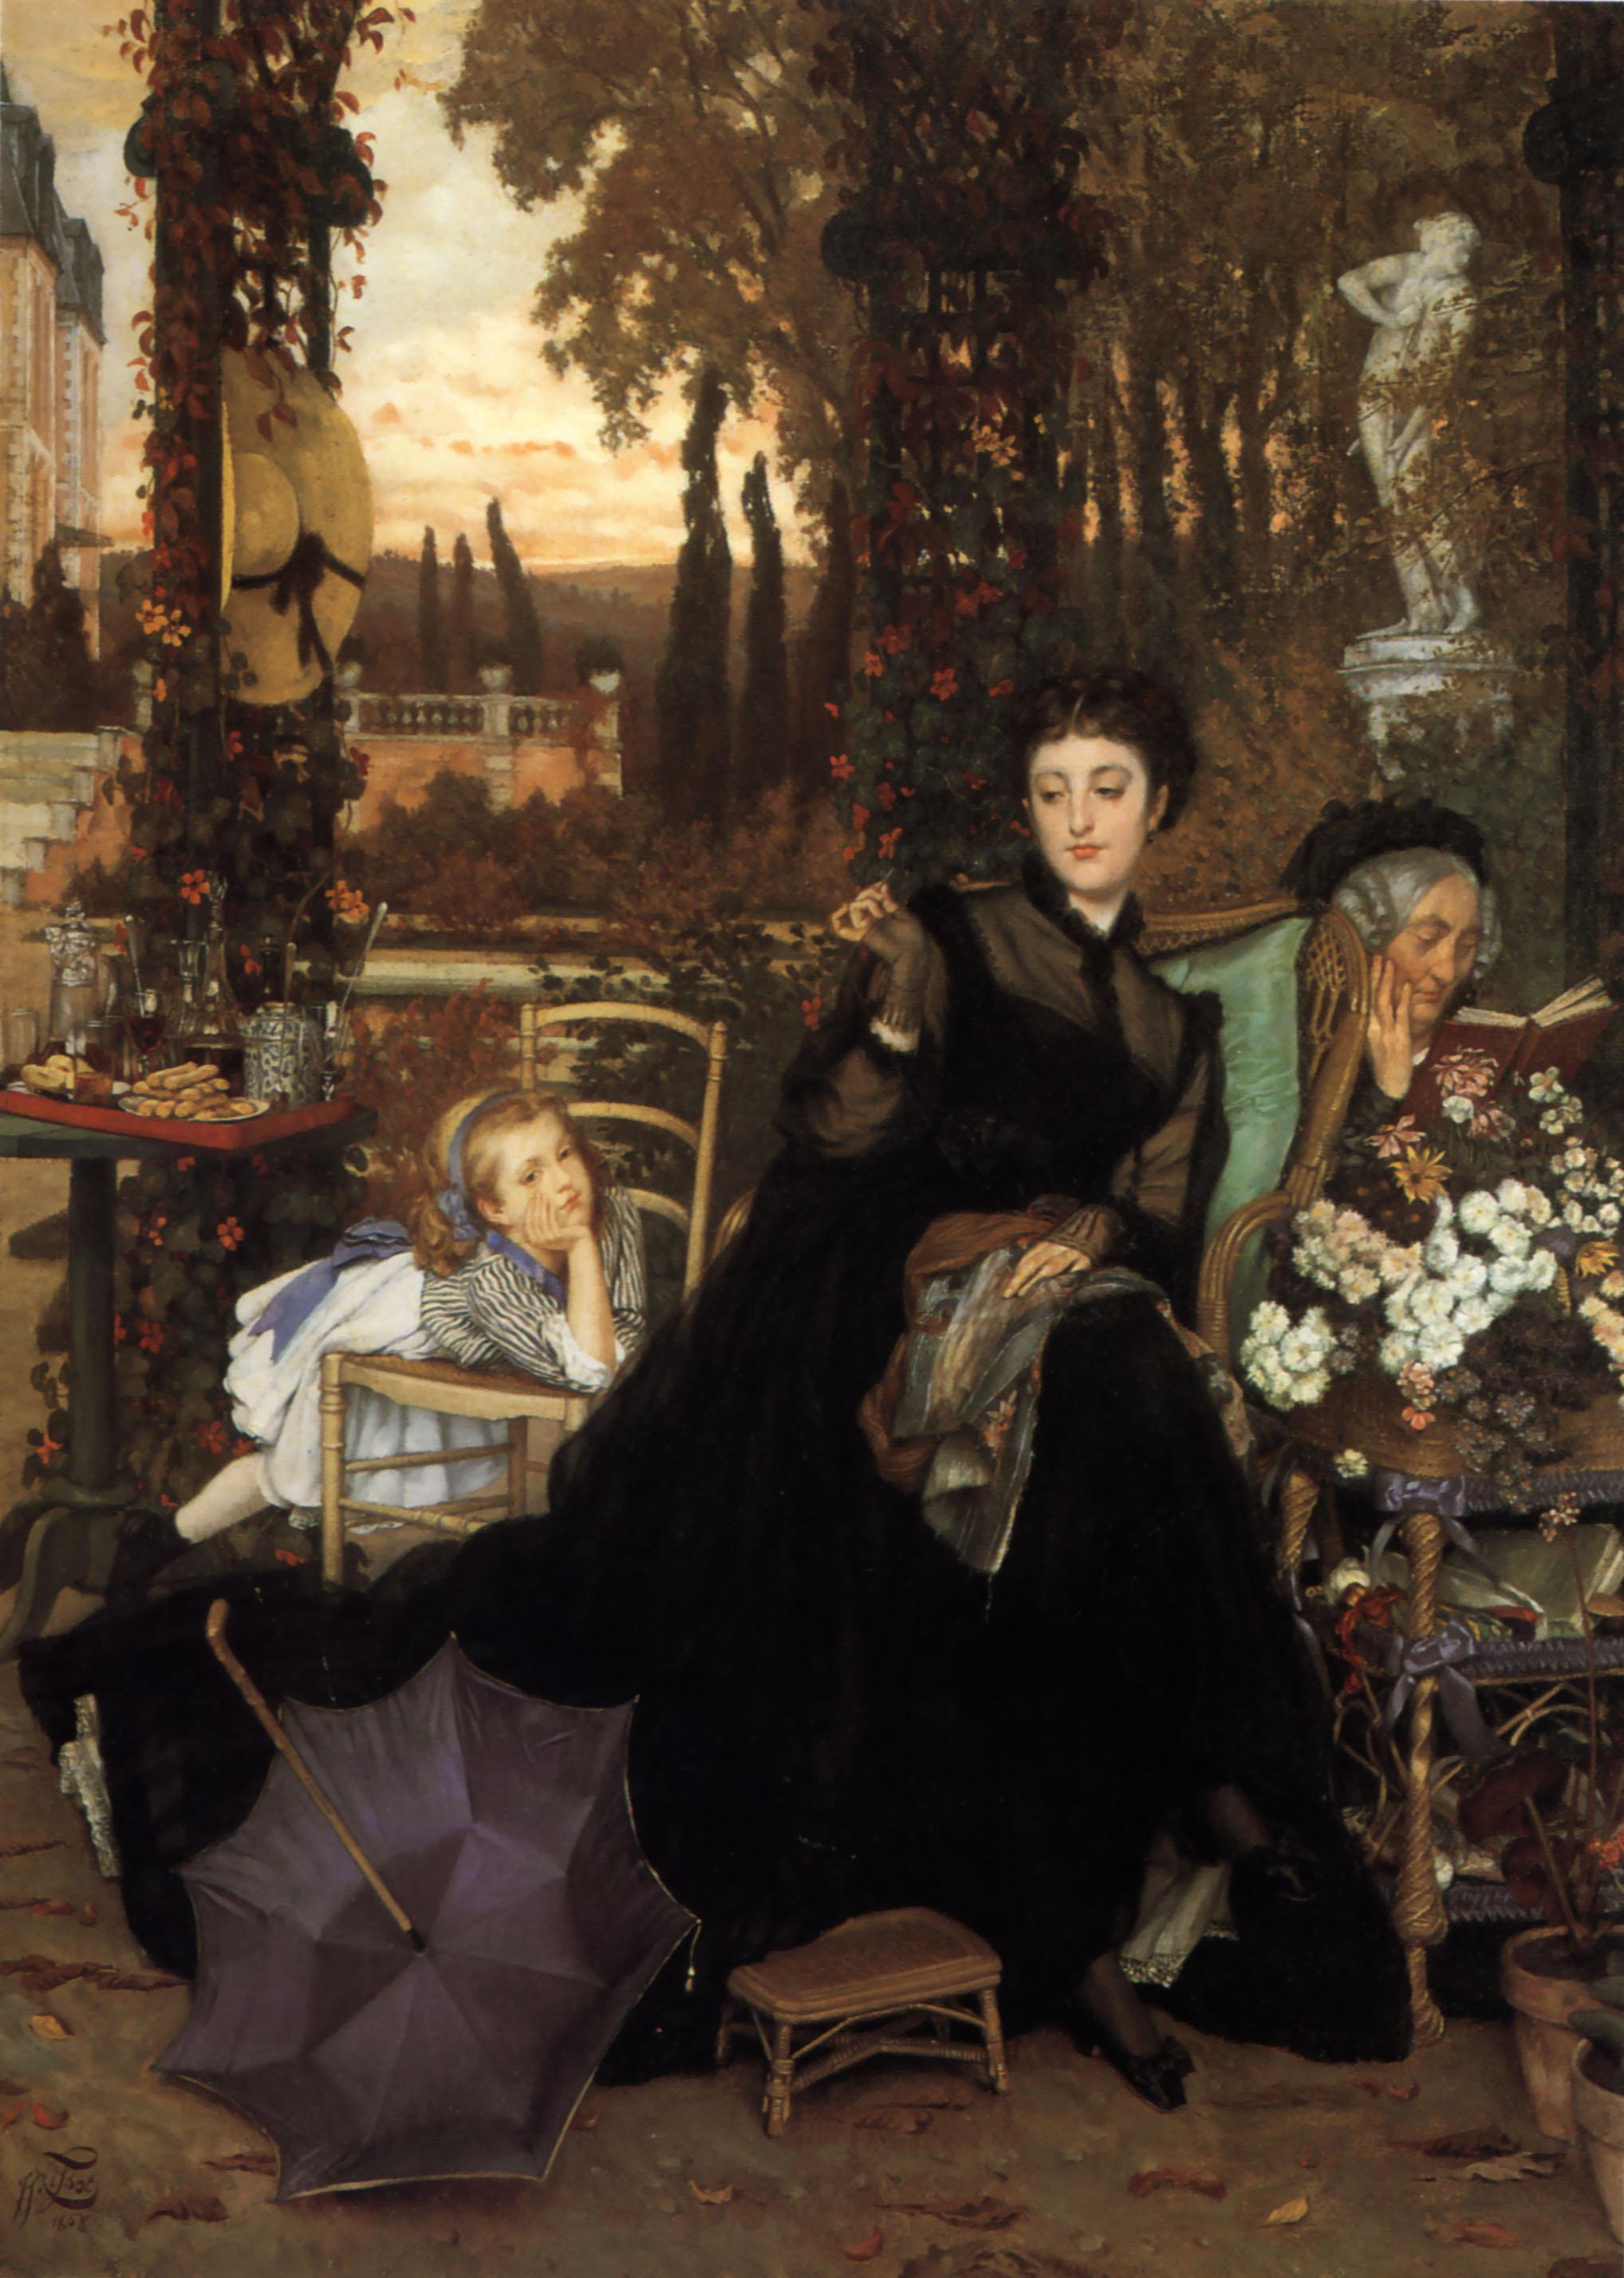 James Tissot - A Widow